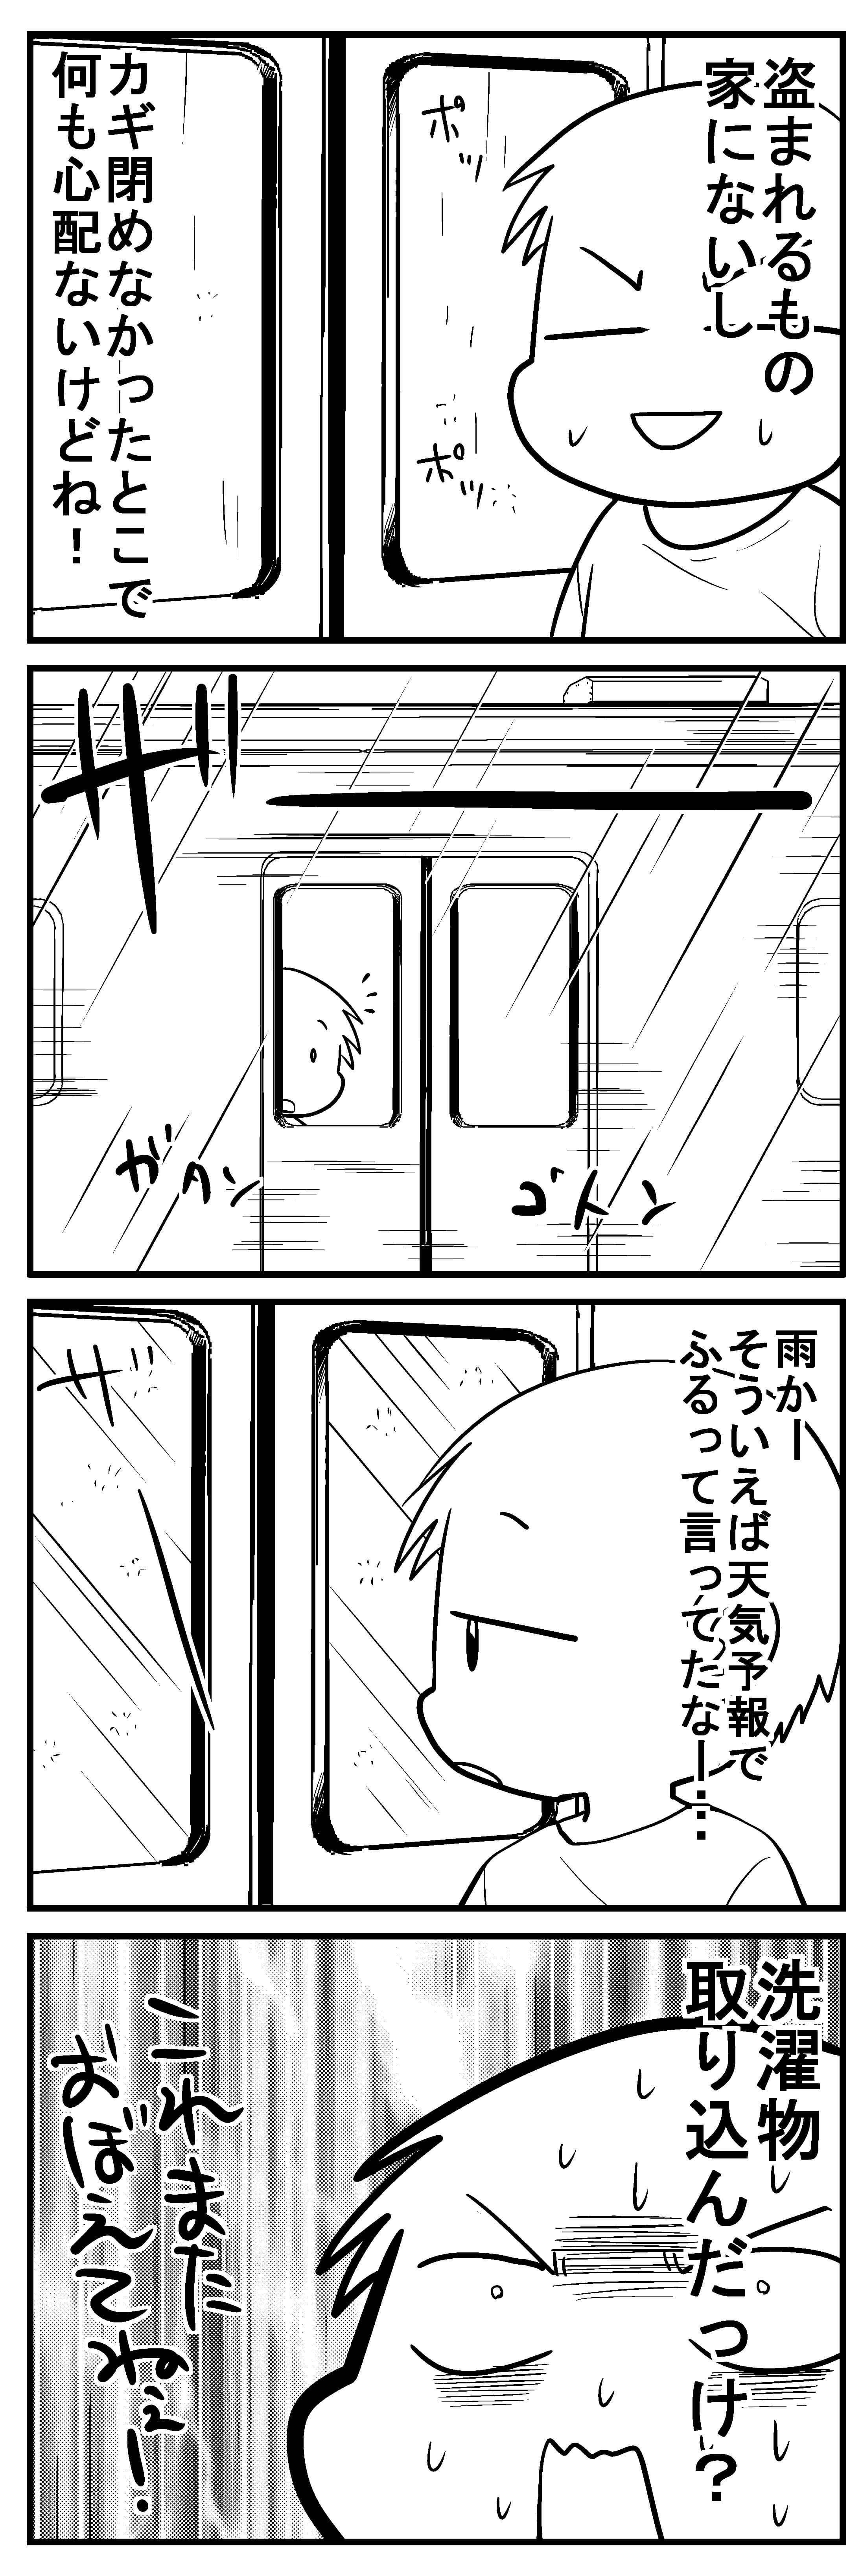 深読みくん19 4